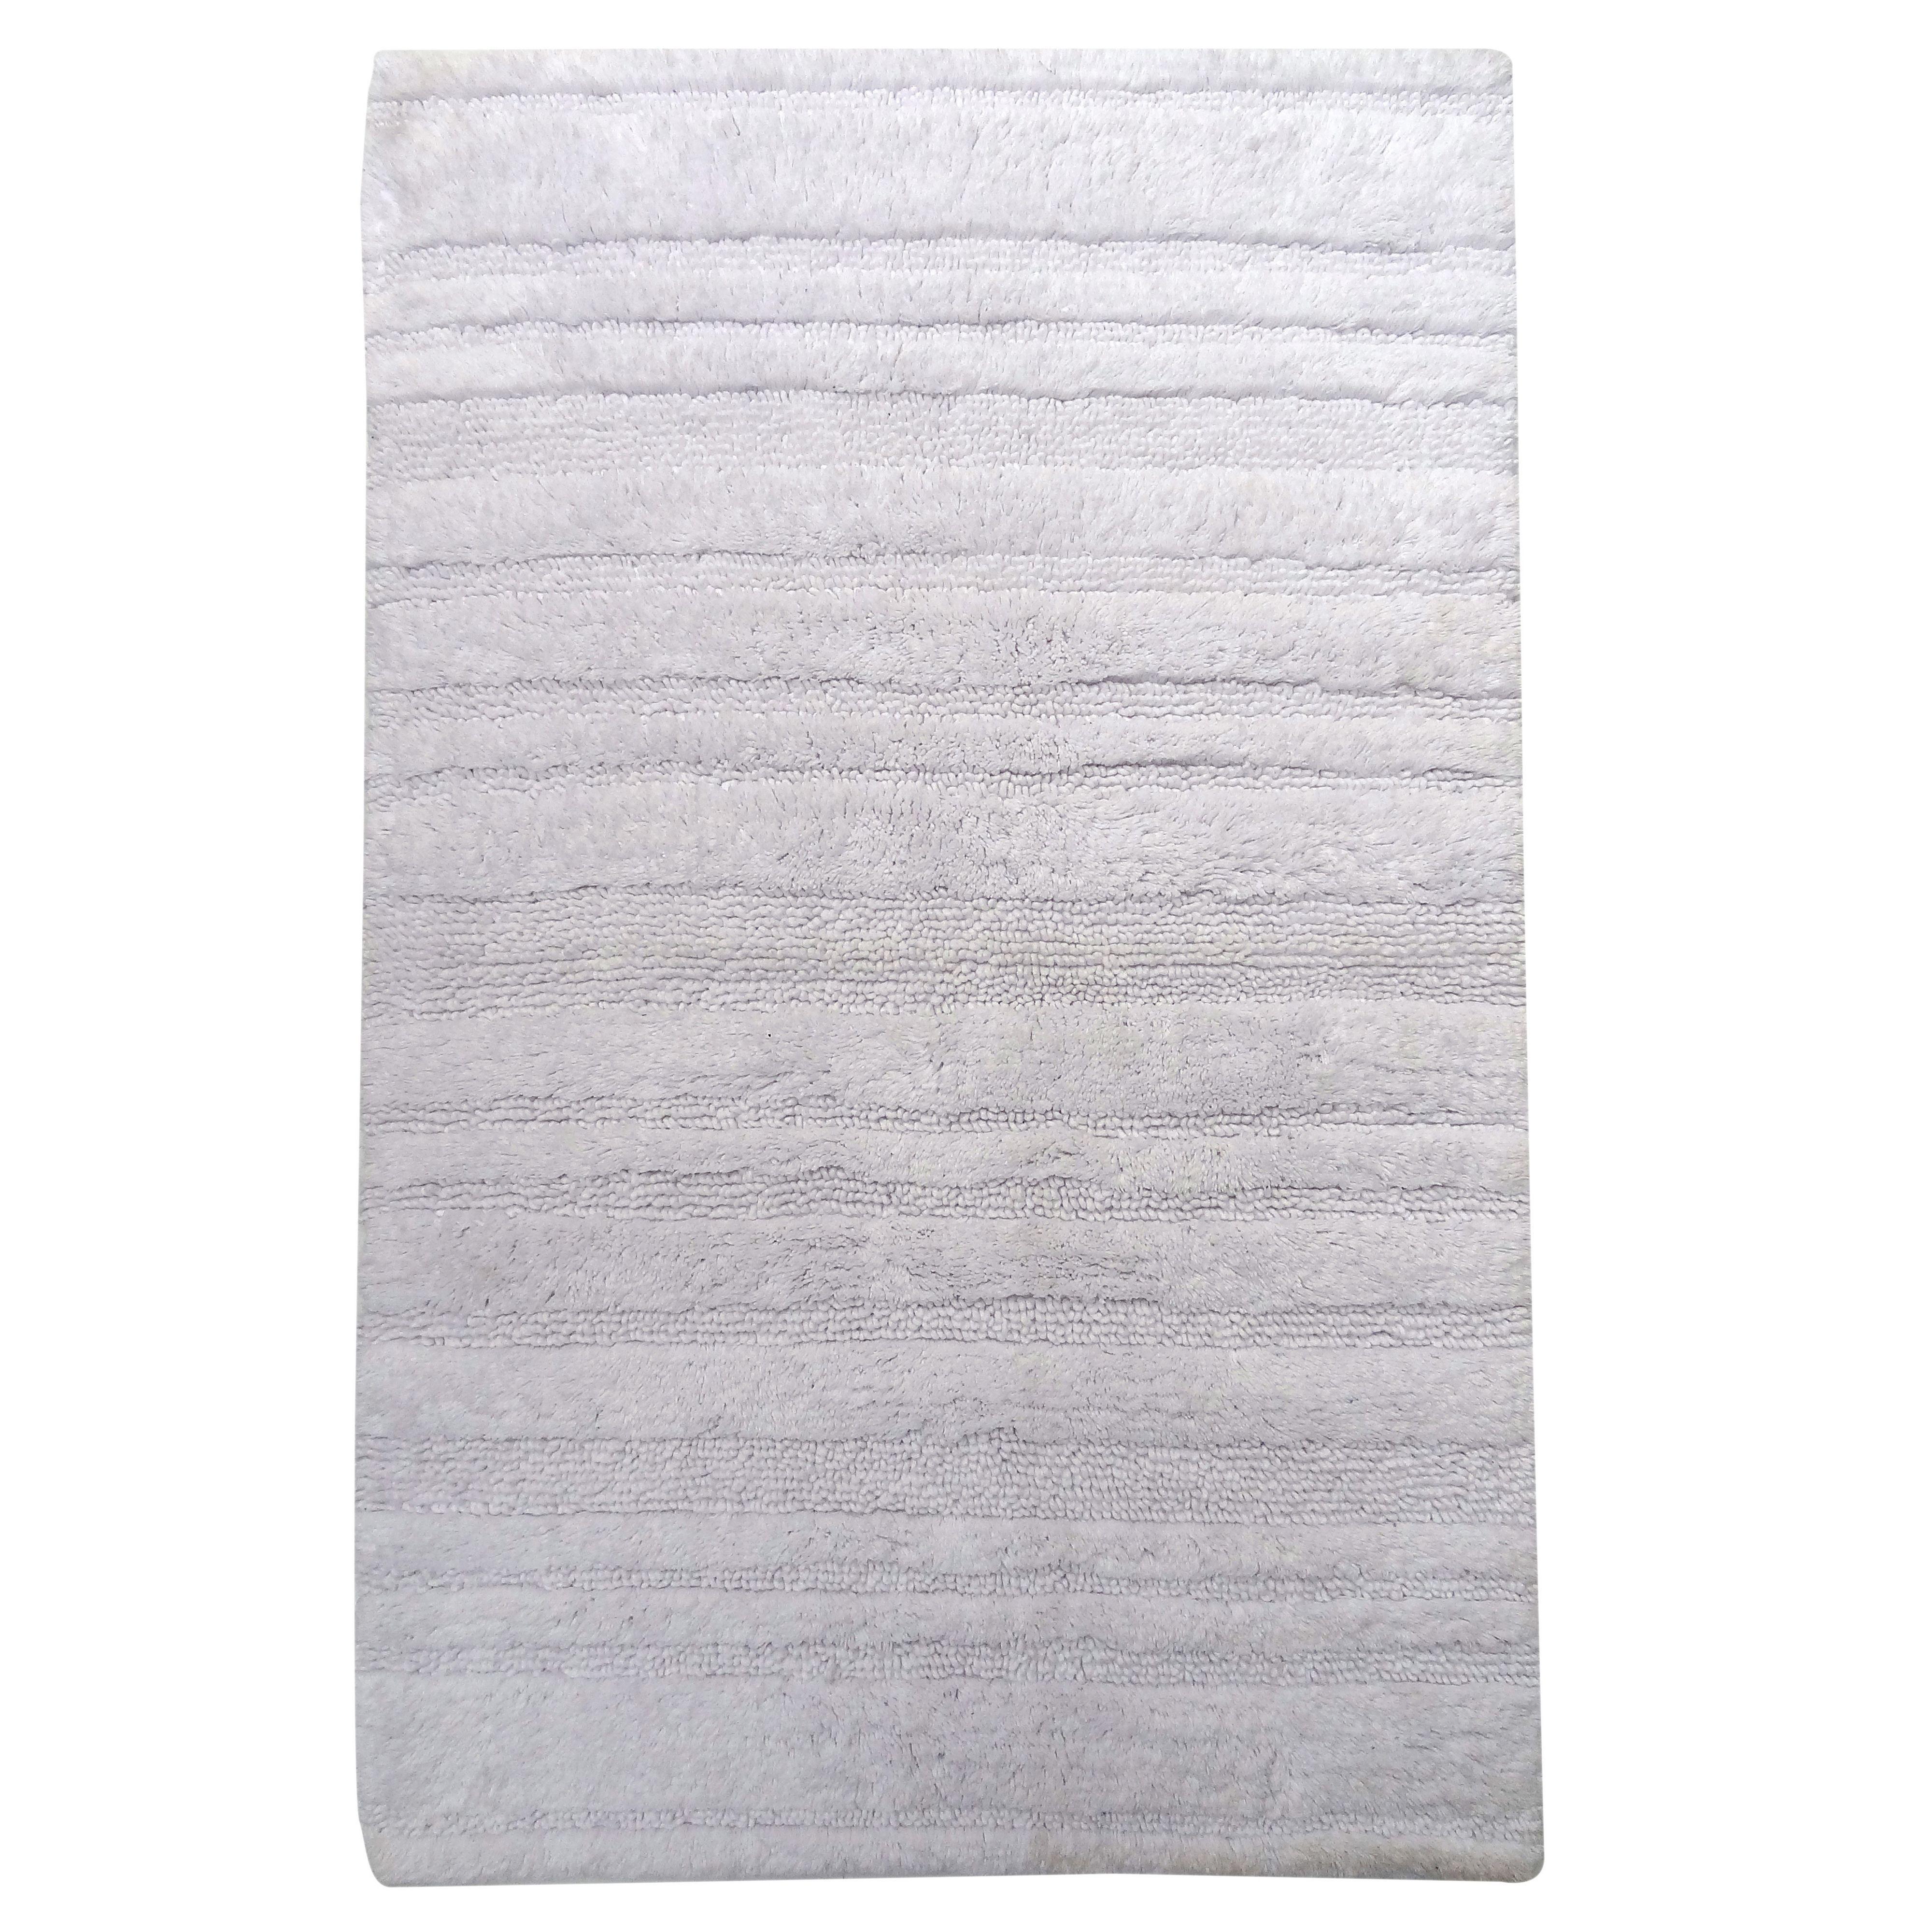 Newlyn White Striped Cotton Anti-slip Backing Bath Mat (l)80cm (w)500mm